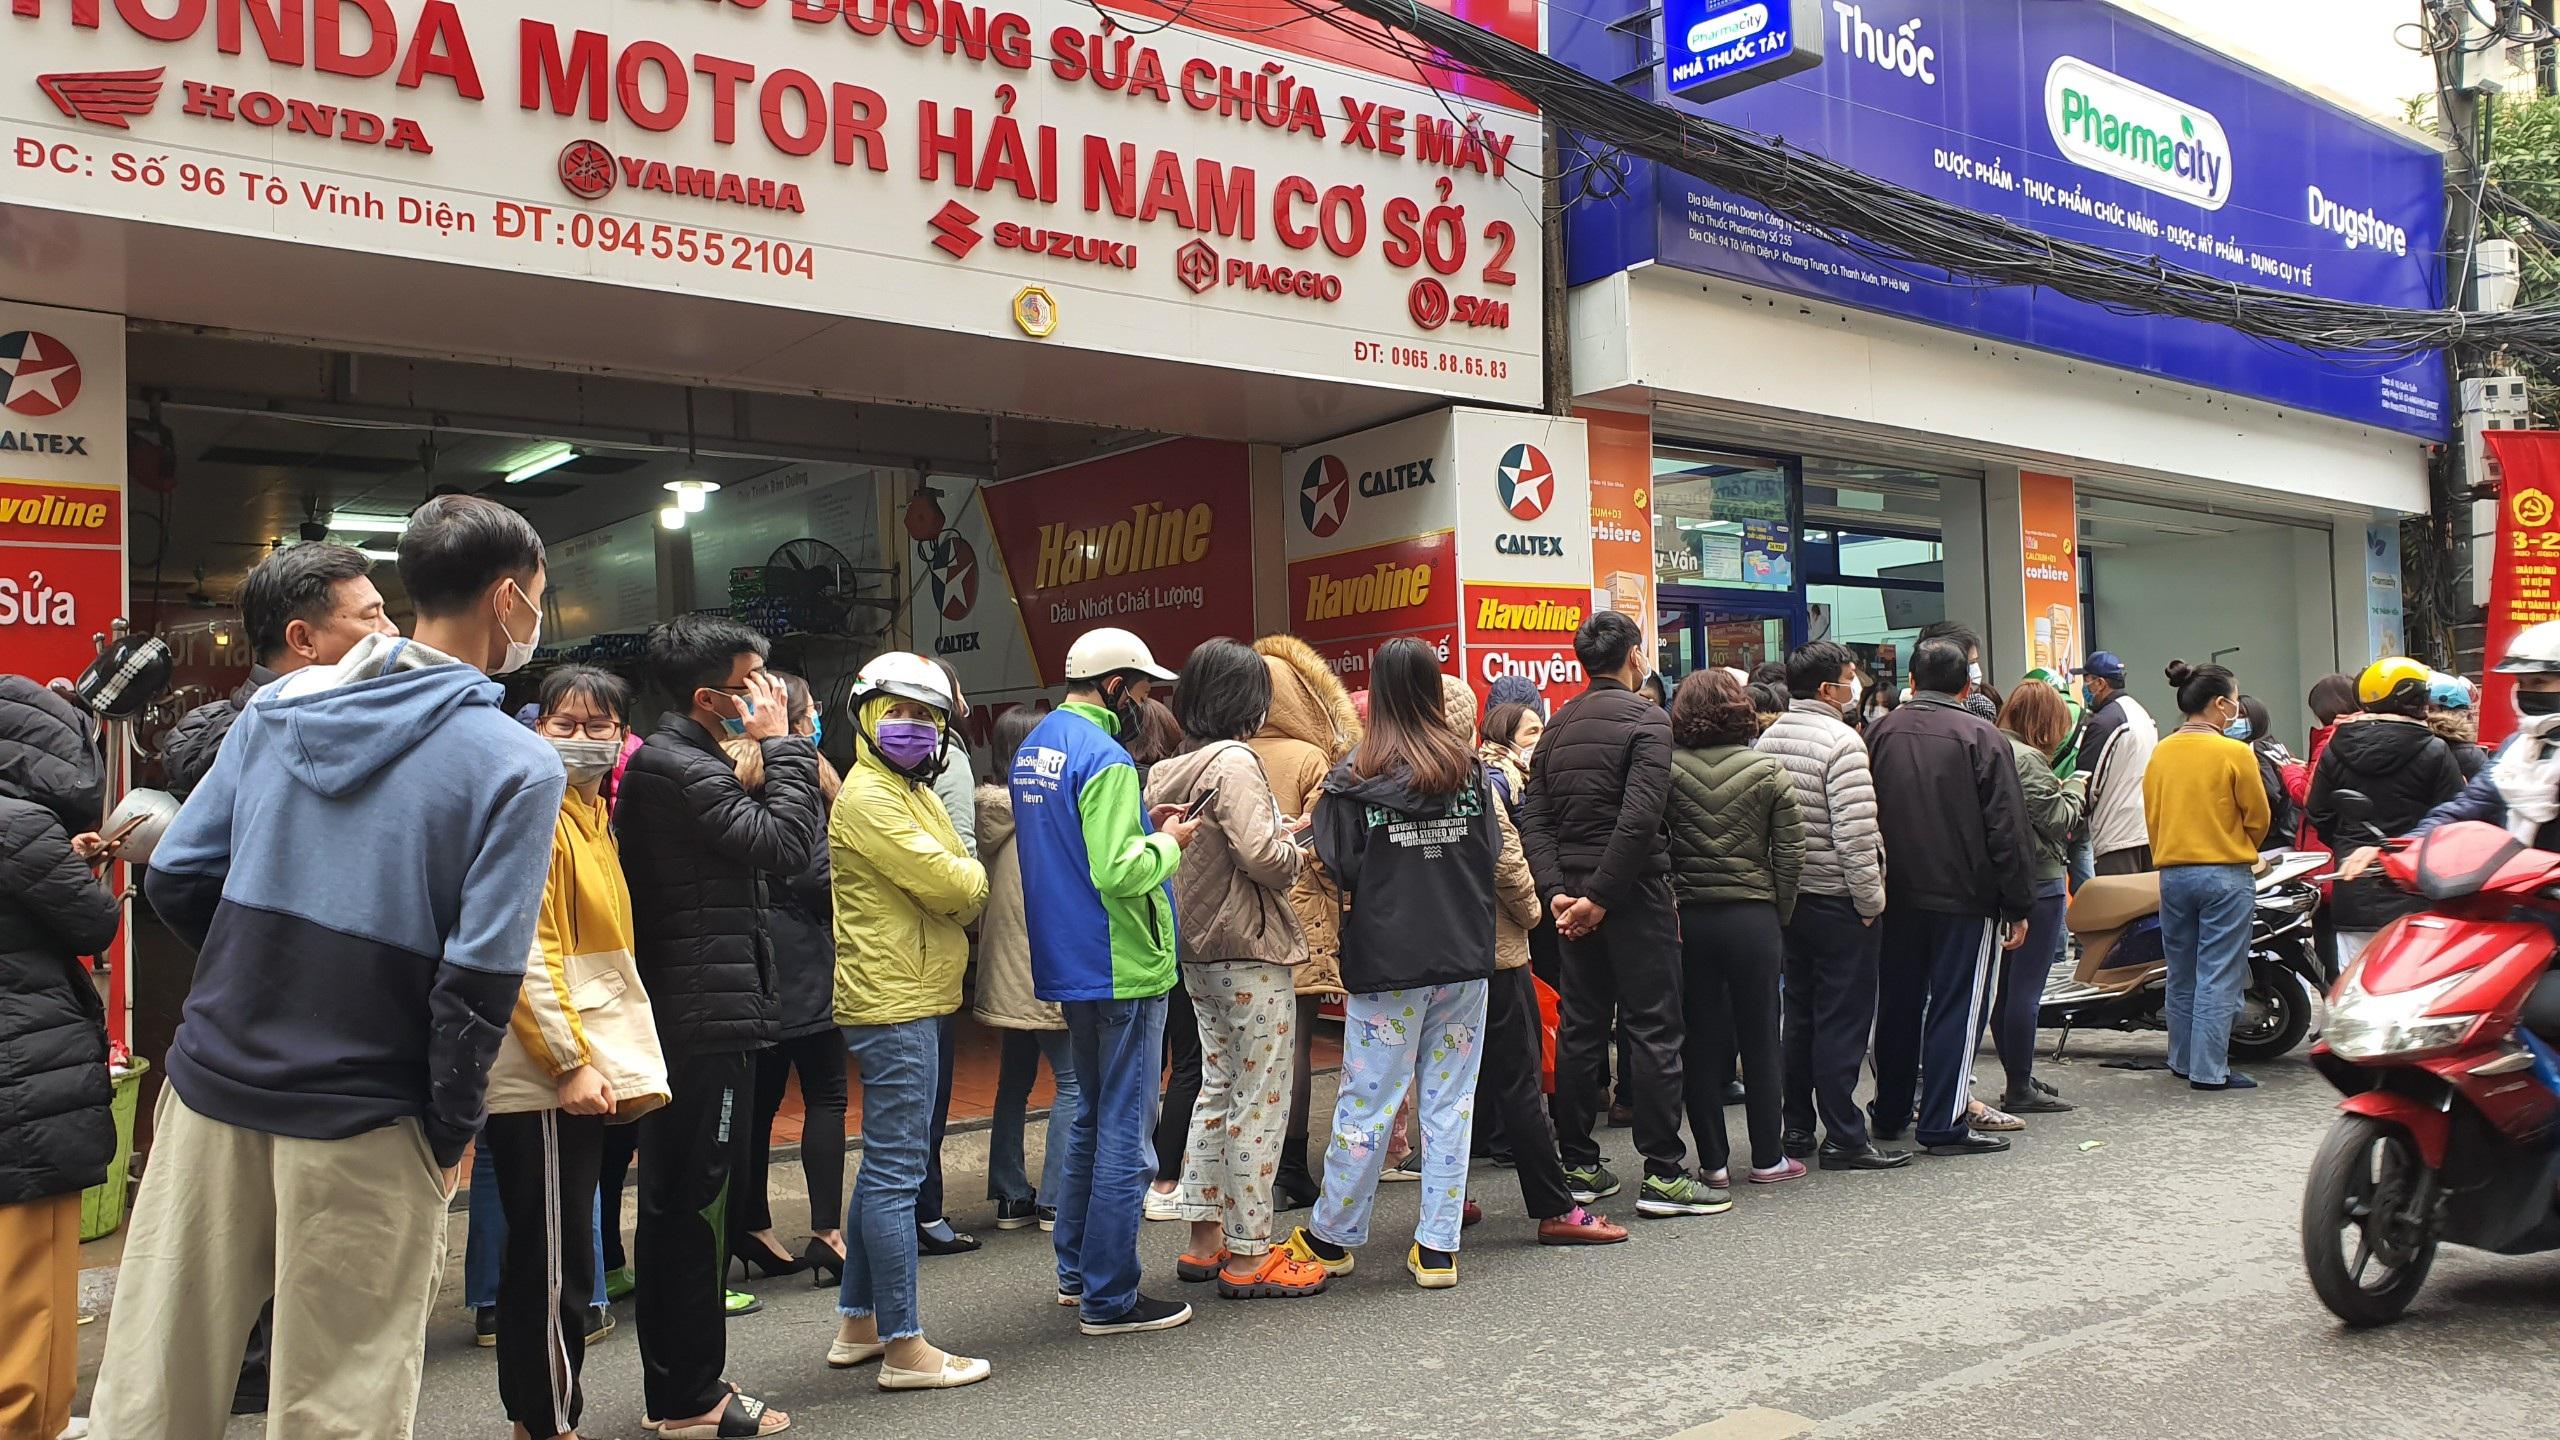 Dân Hà Nội xếp hàng cả buổi sáng chỉ để mua 1 hộp khẩu trang 35 nghìn đồng